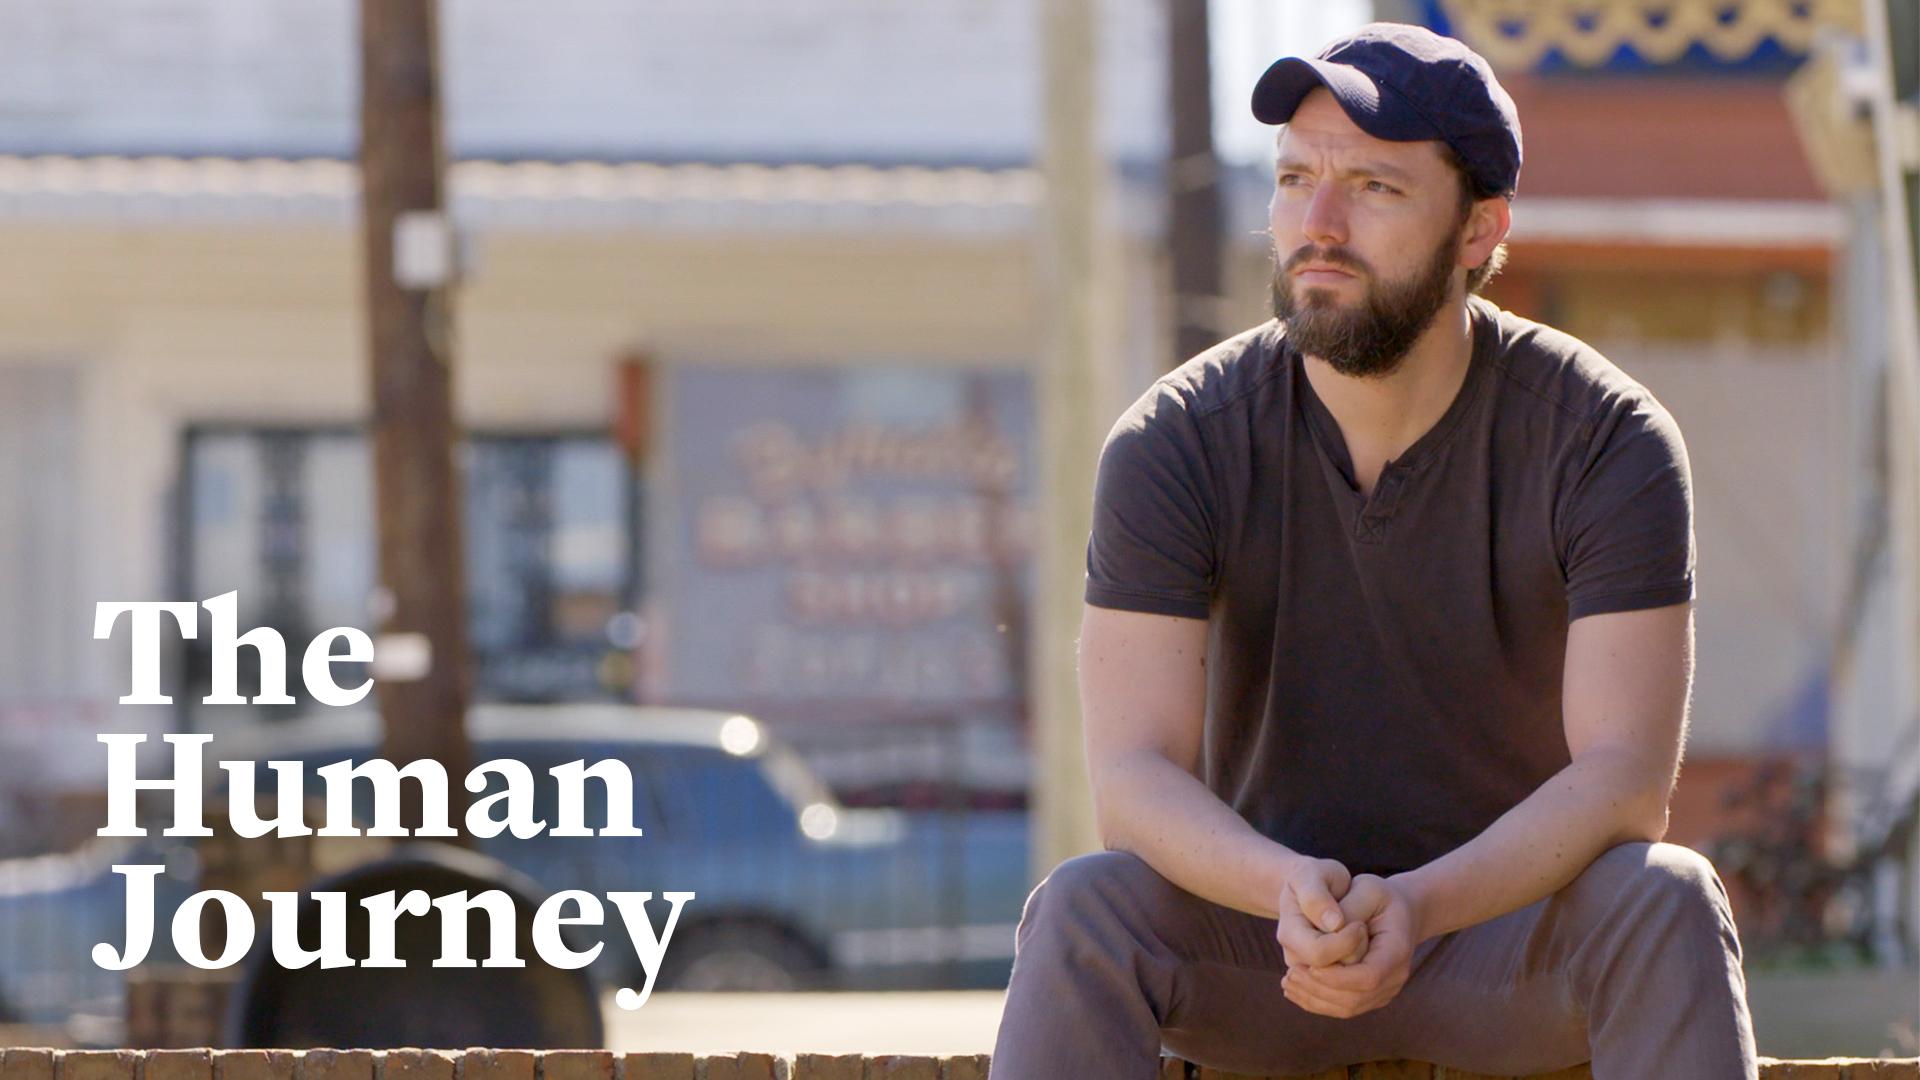 The Human Journey: Evan Linder's